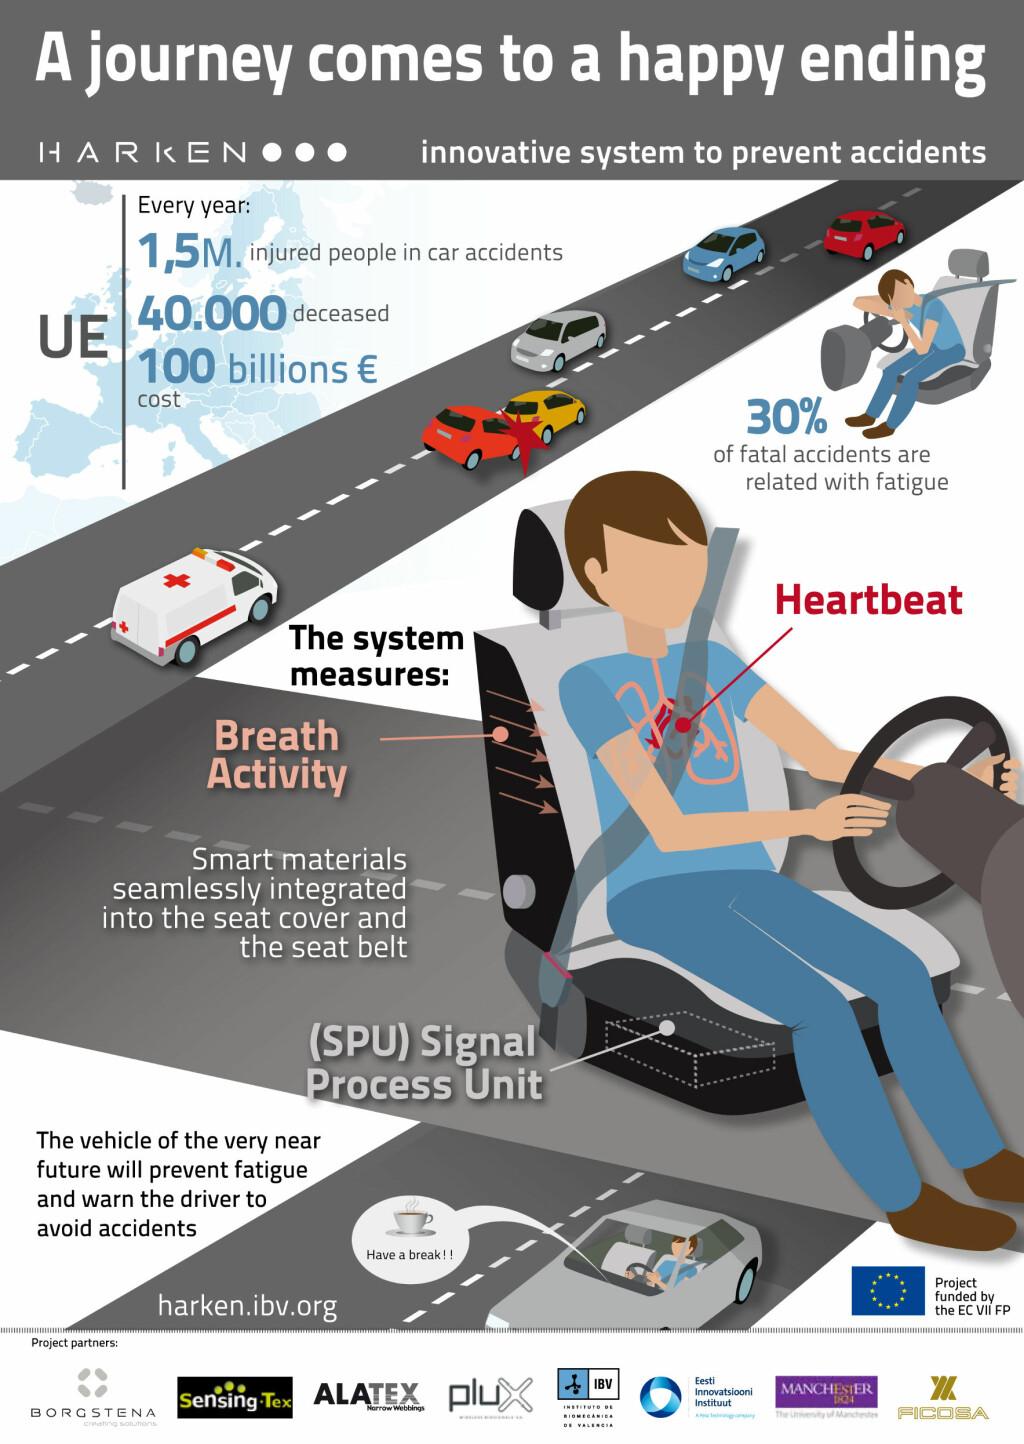 """MÅLER, ANALYSERER, VEKKER: Sensorer i setet og setebeltet måler pust og puls. En elektronisk """"hjerne"""" analyserer signalene, og sikkerhetsbeltet rister om nødvendig føreren våken.  Foto: HARKEN"""